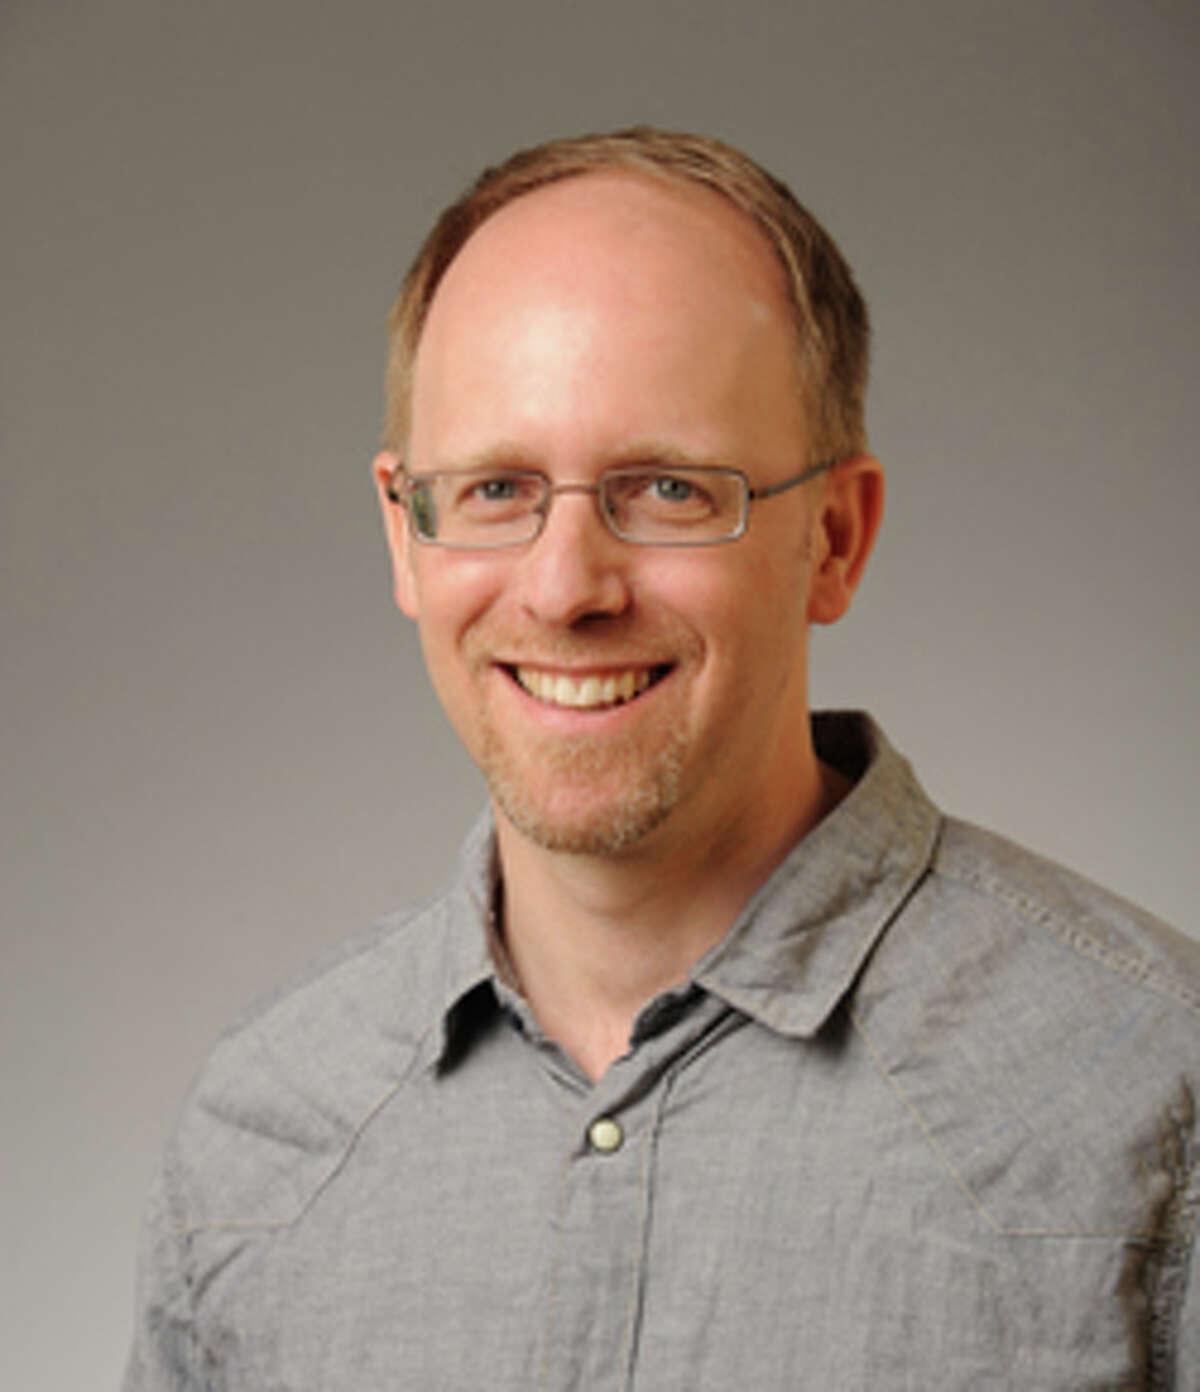 Dr. Glenn Dynner